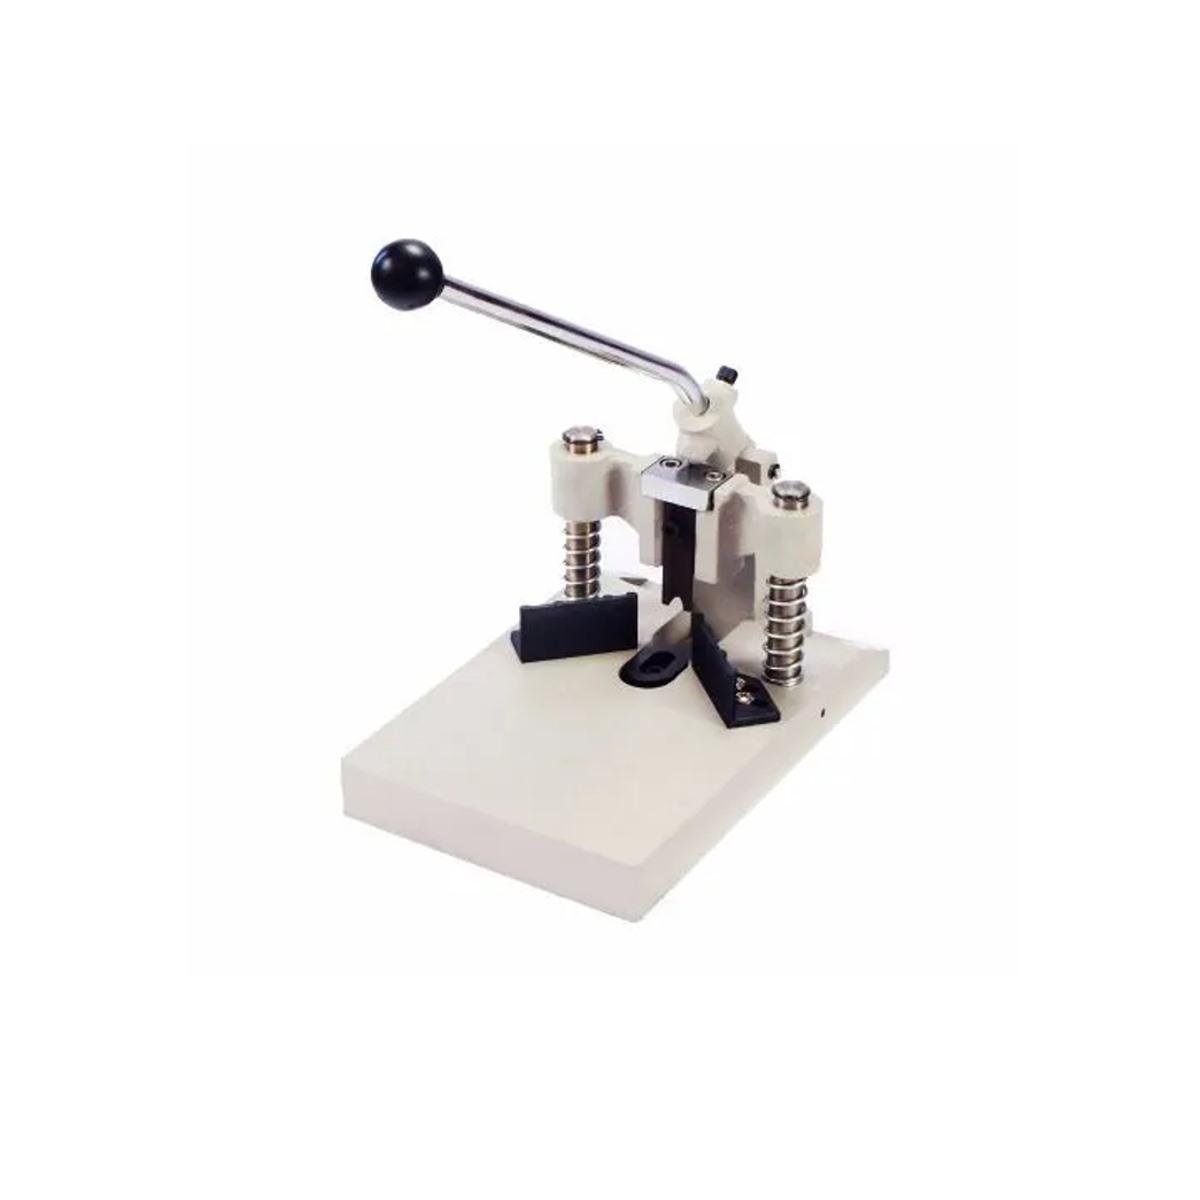 Canteadeira Industrial Acabamento 250 Folhas - 6mm e 10mm